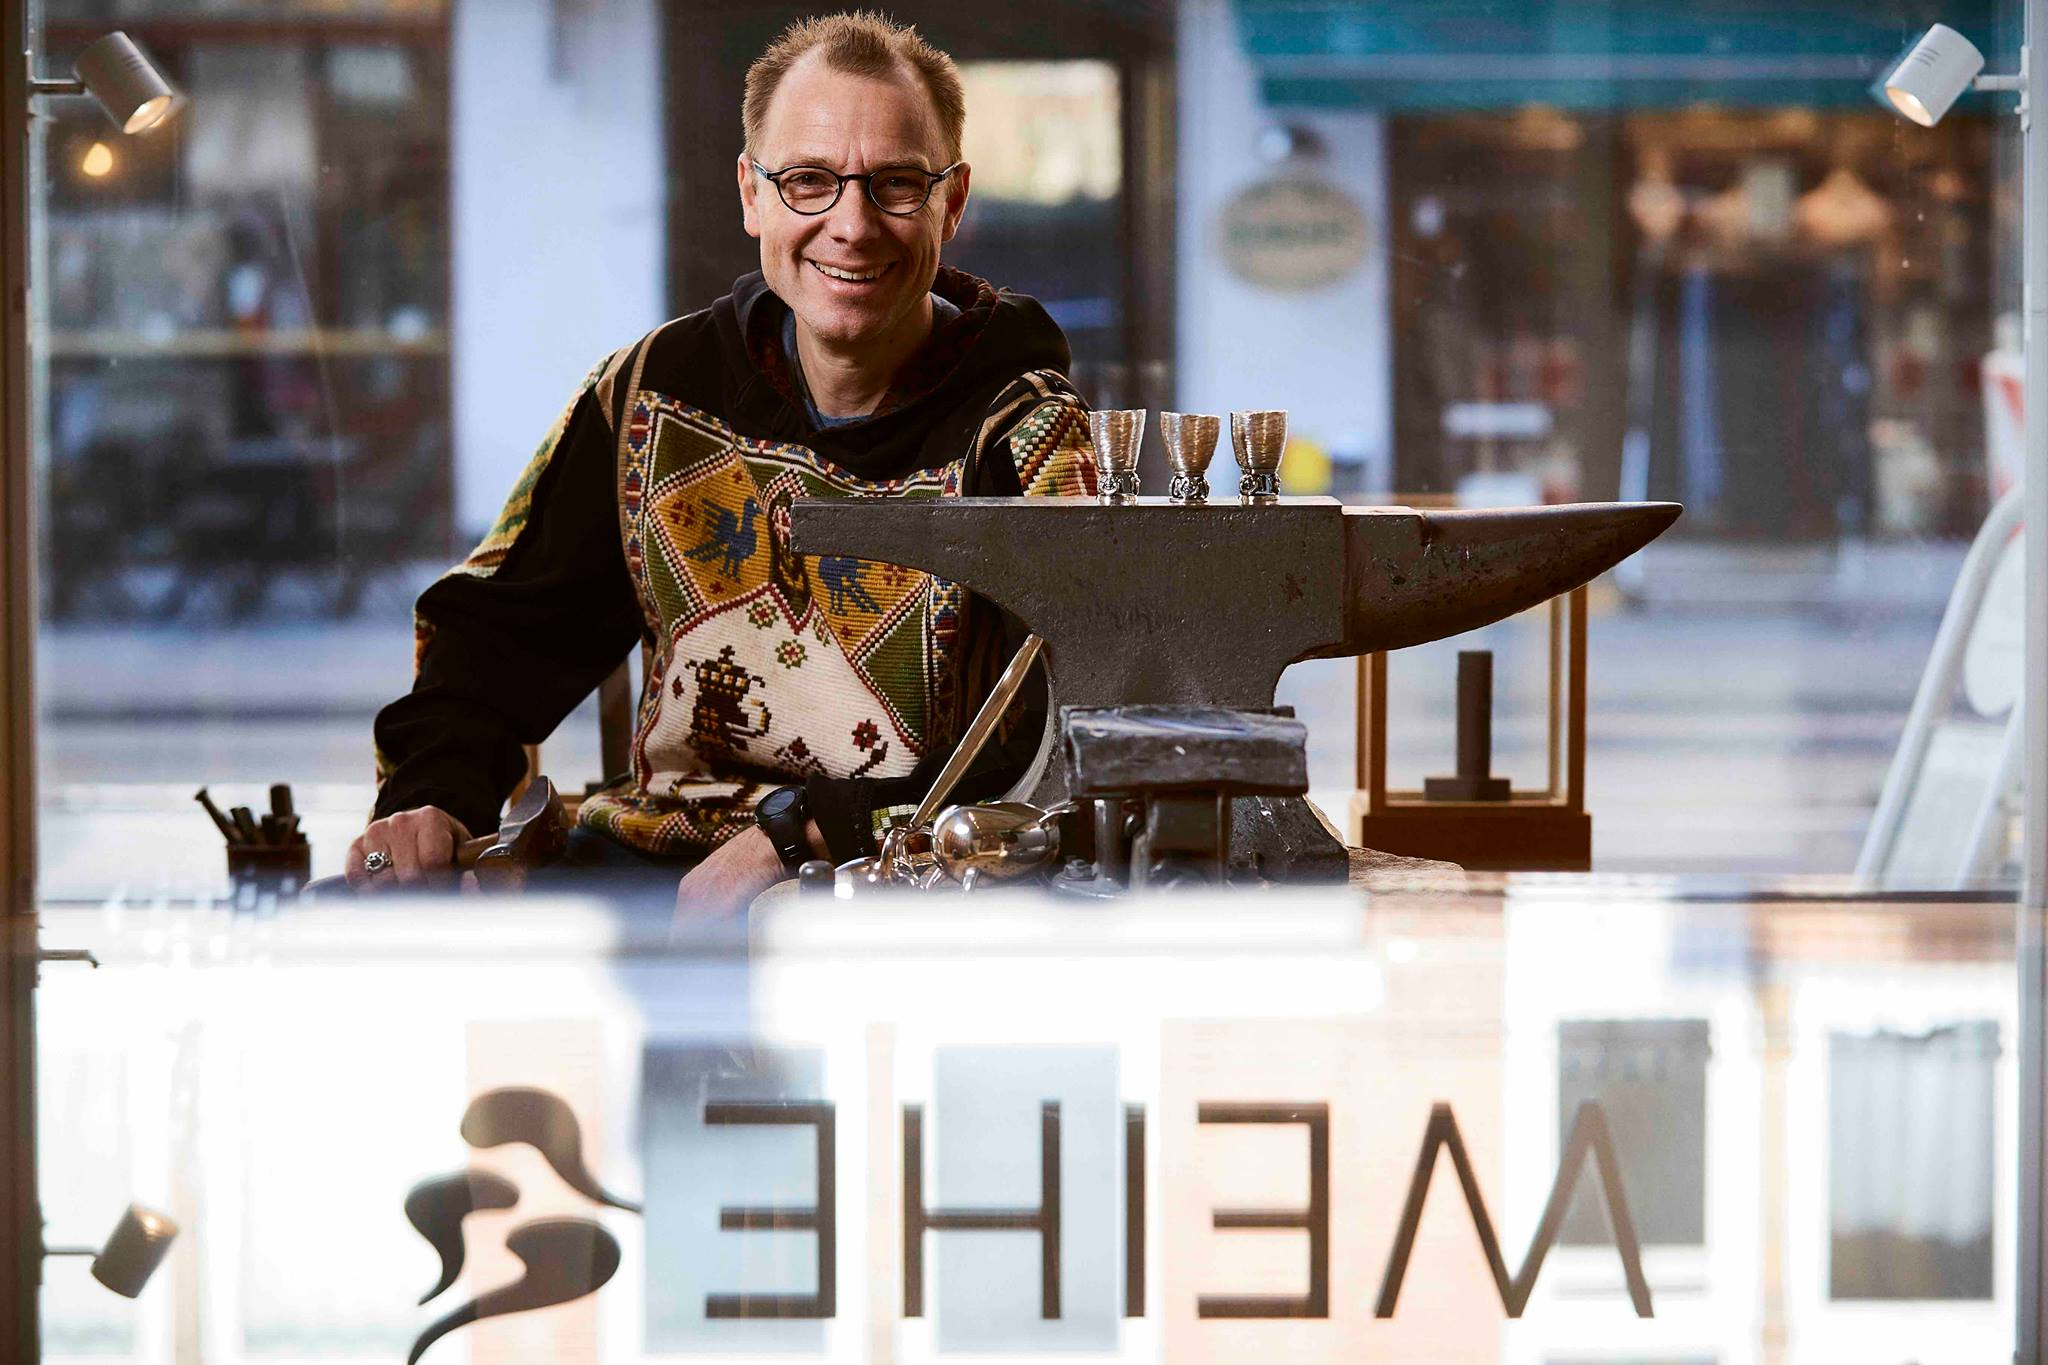 Michael Weihe visitfrederiksberg